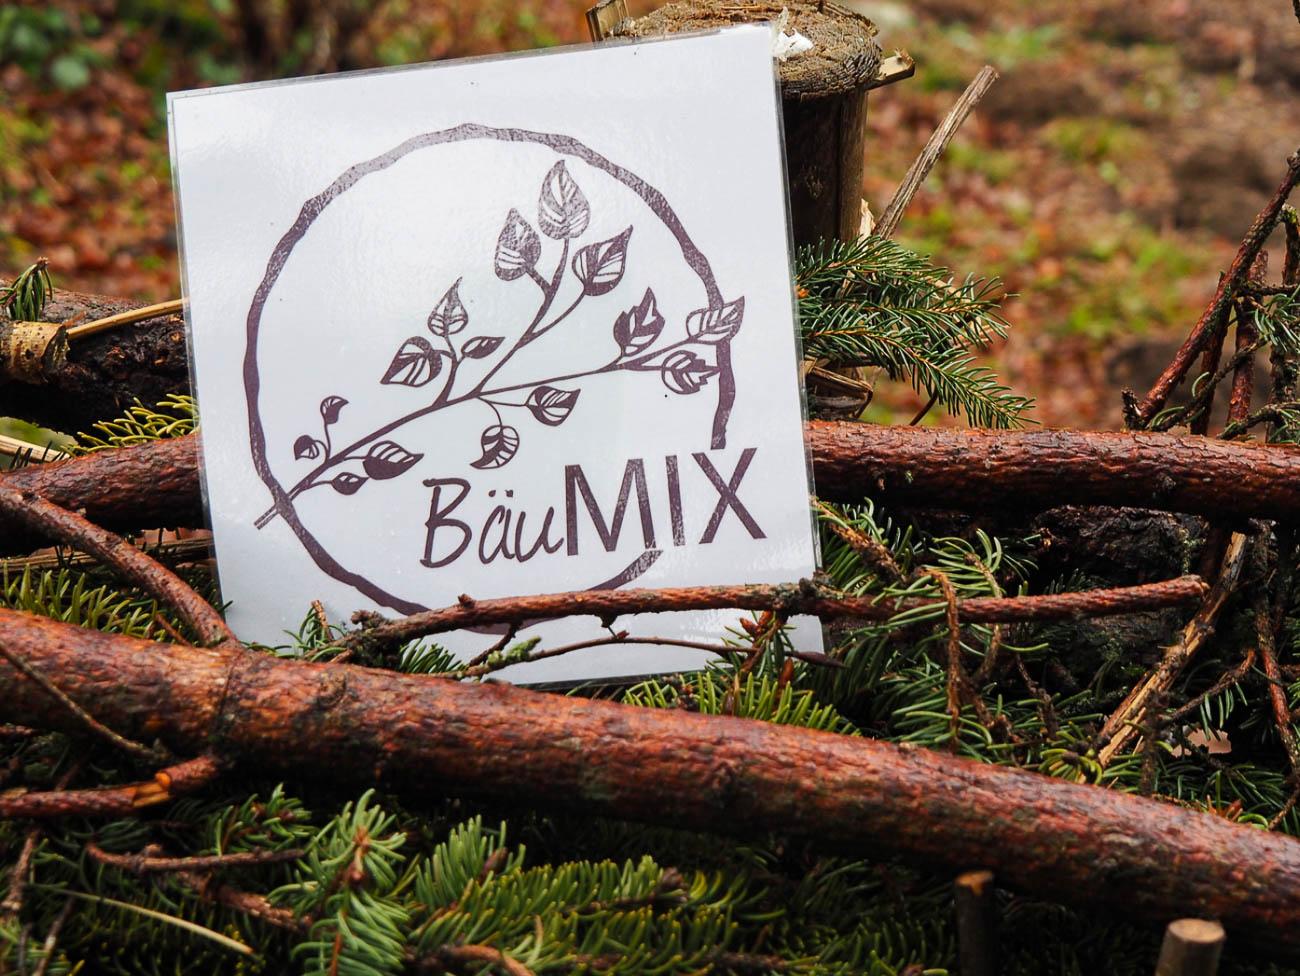 Bauemix-Naturerlebnisse-Schlemmereien-078